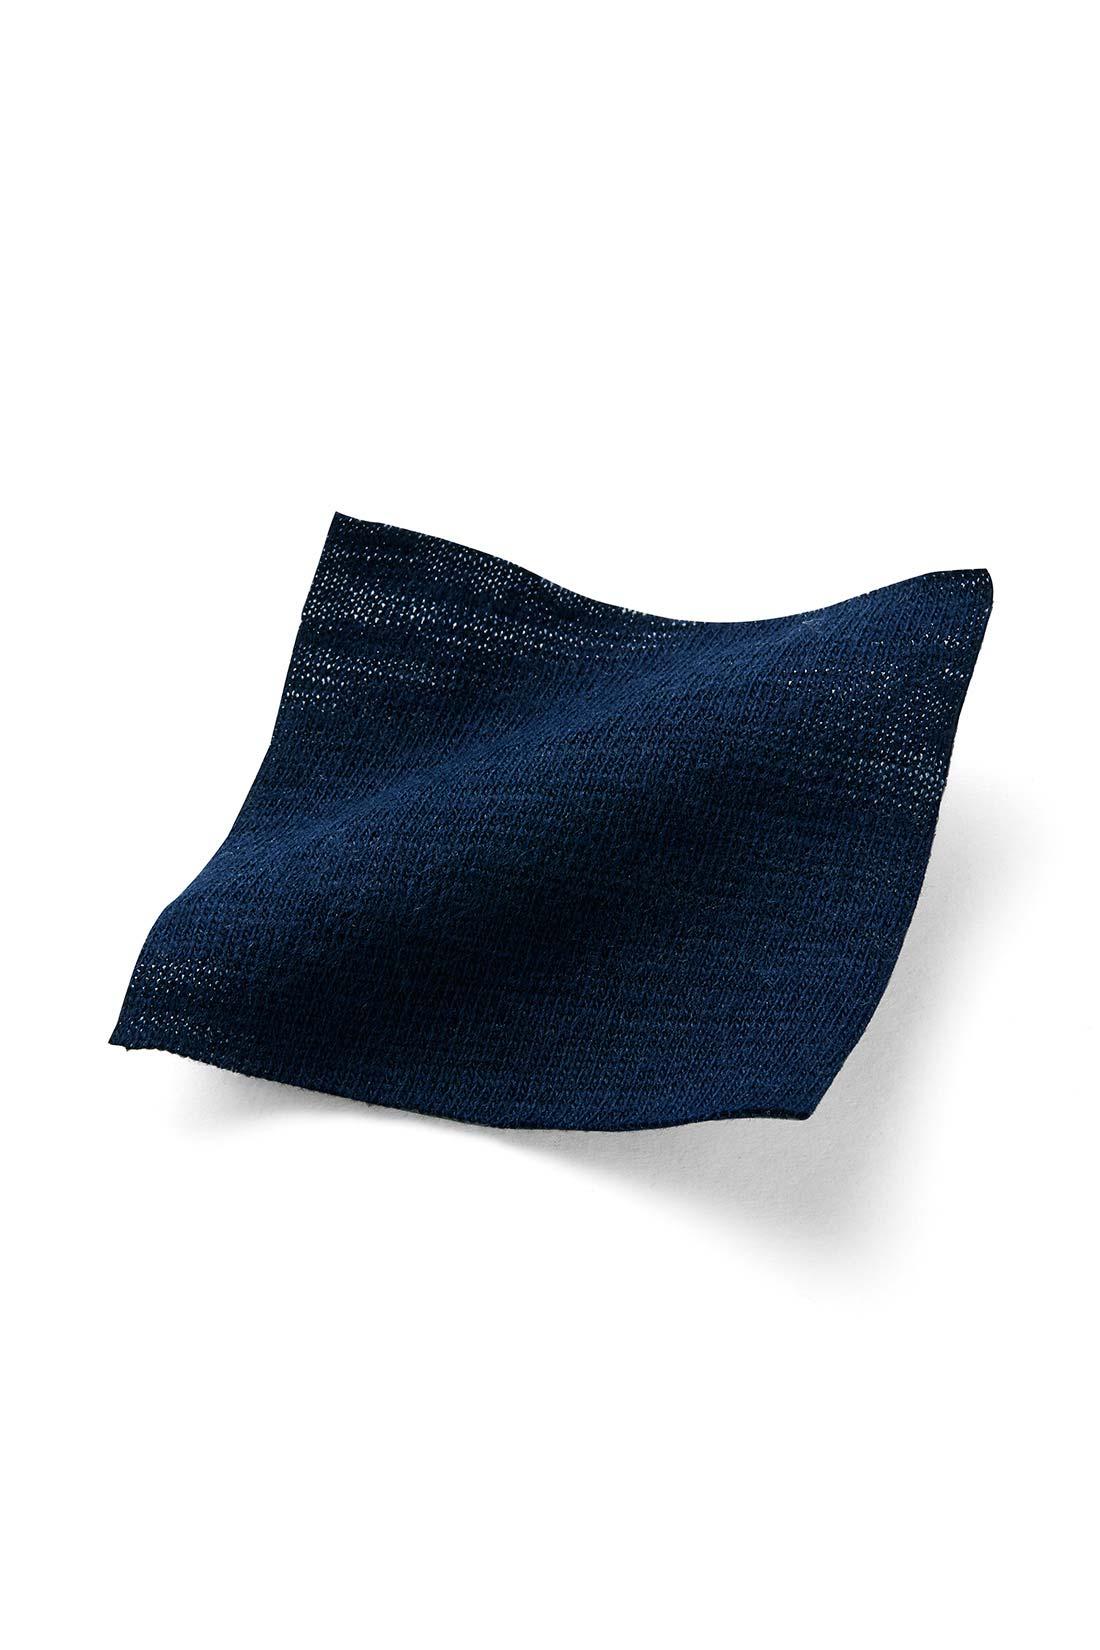 米国アリゾナ州で取れた上質な綿花で編み上げた希少なコットン。ふっくらとした弾力と厚みが特徴で、やさしくなめらかな着心地。